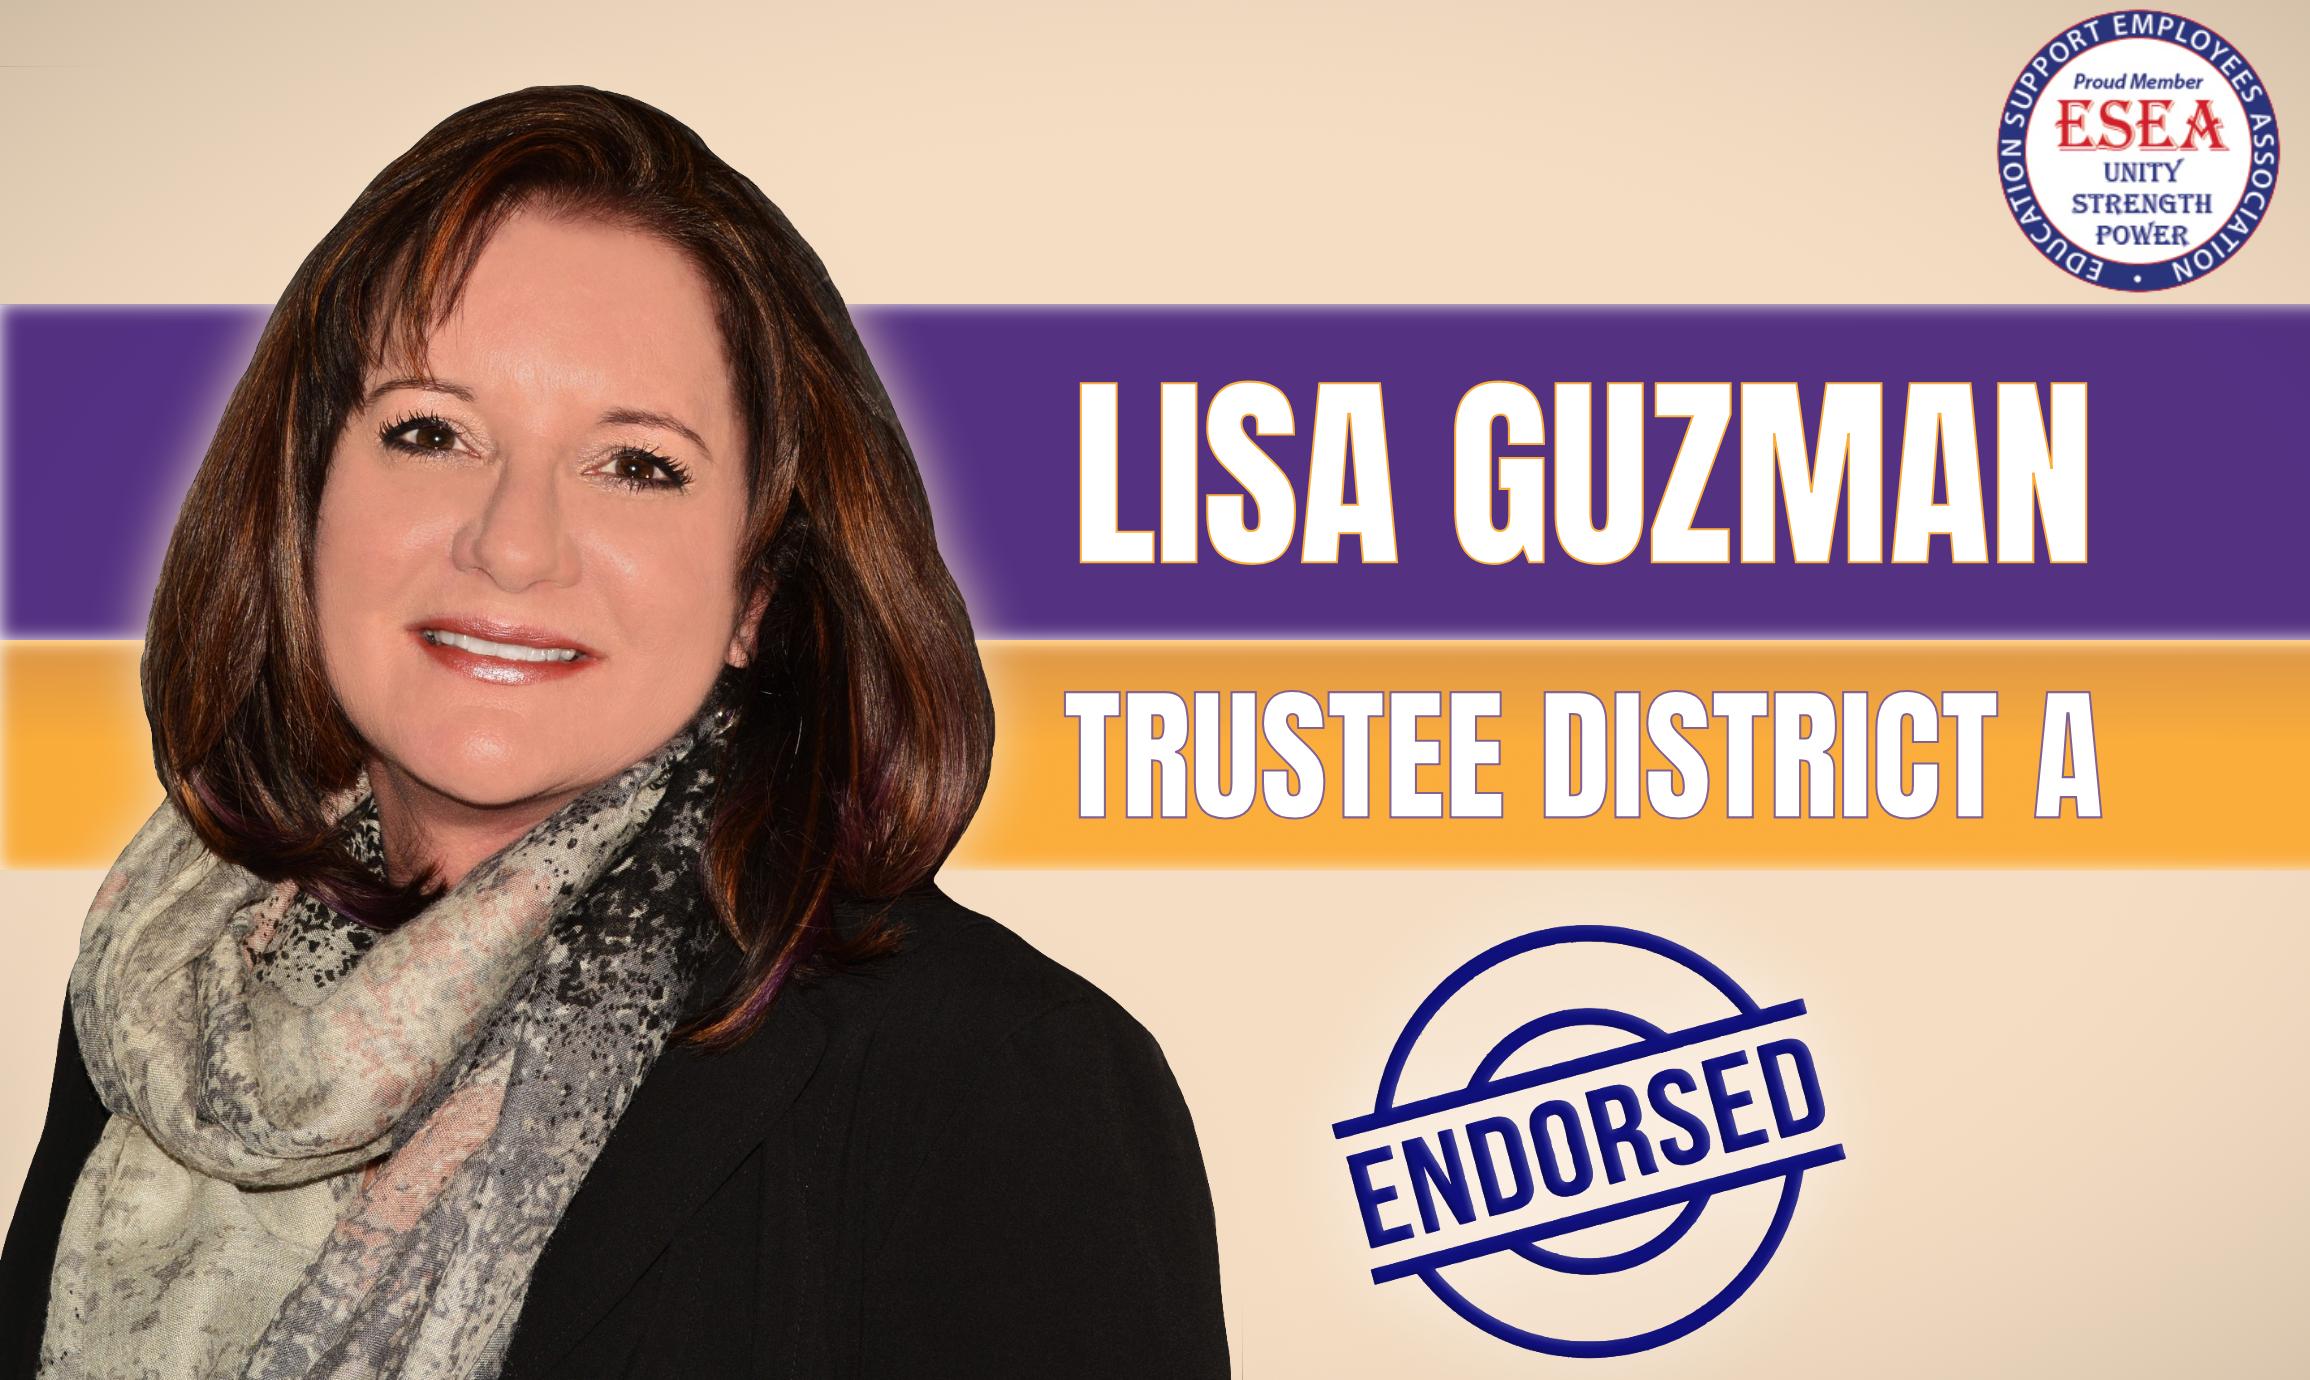 Lisa Guzman District A